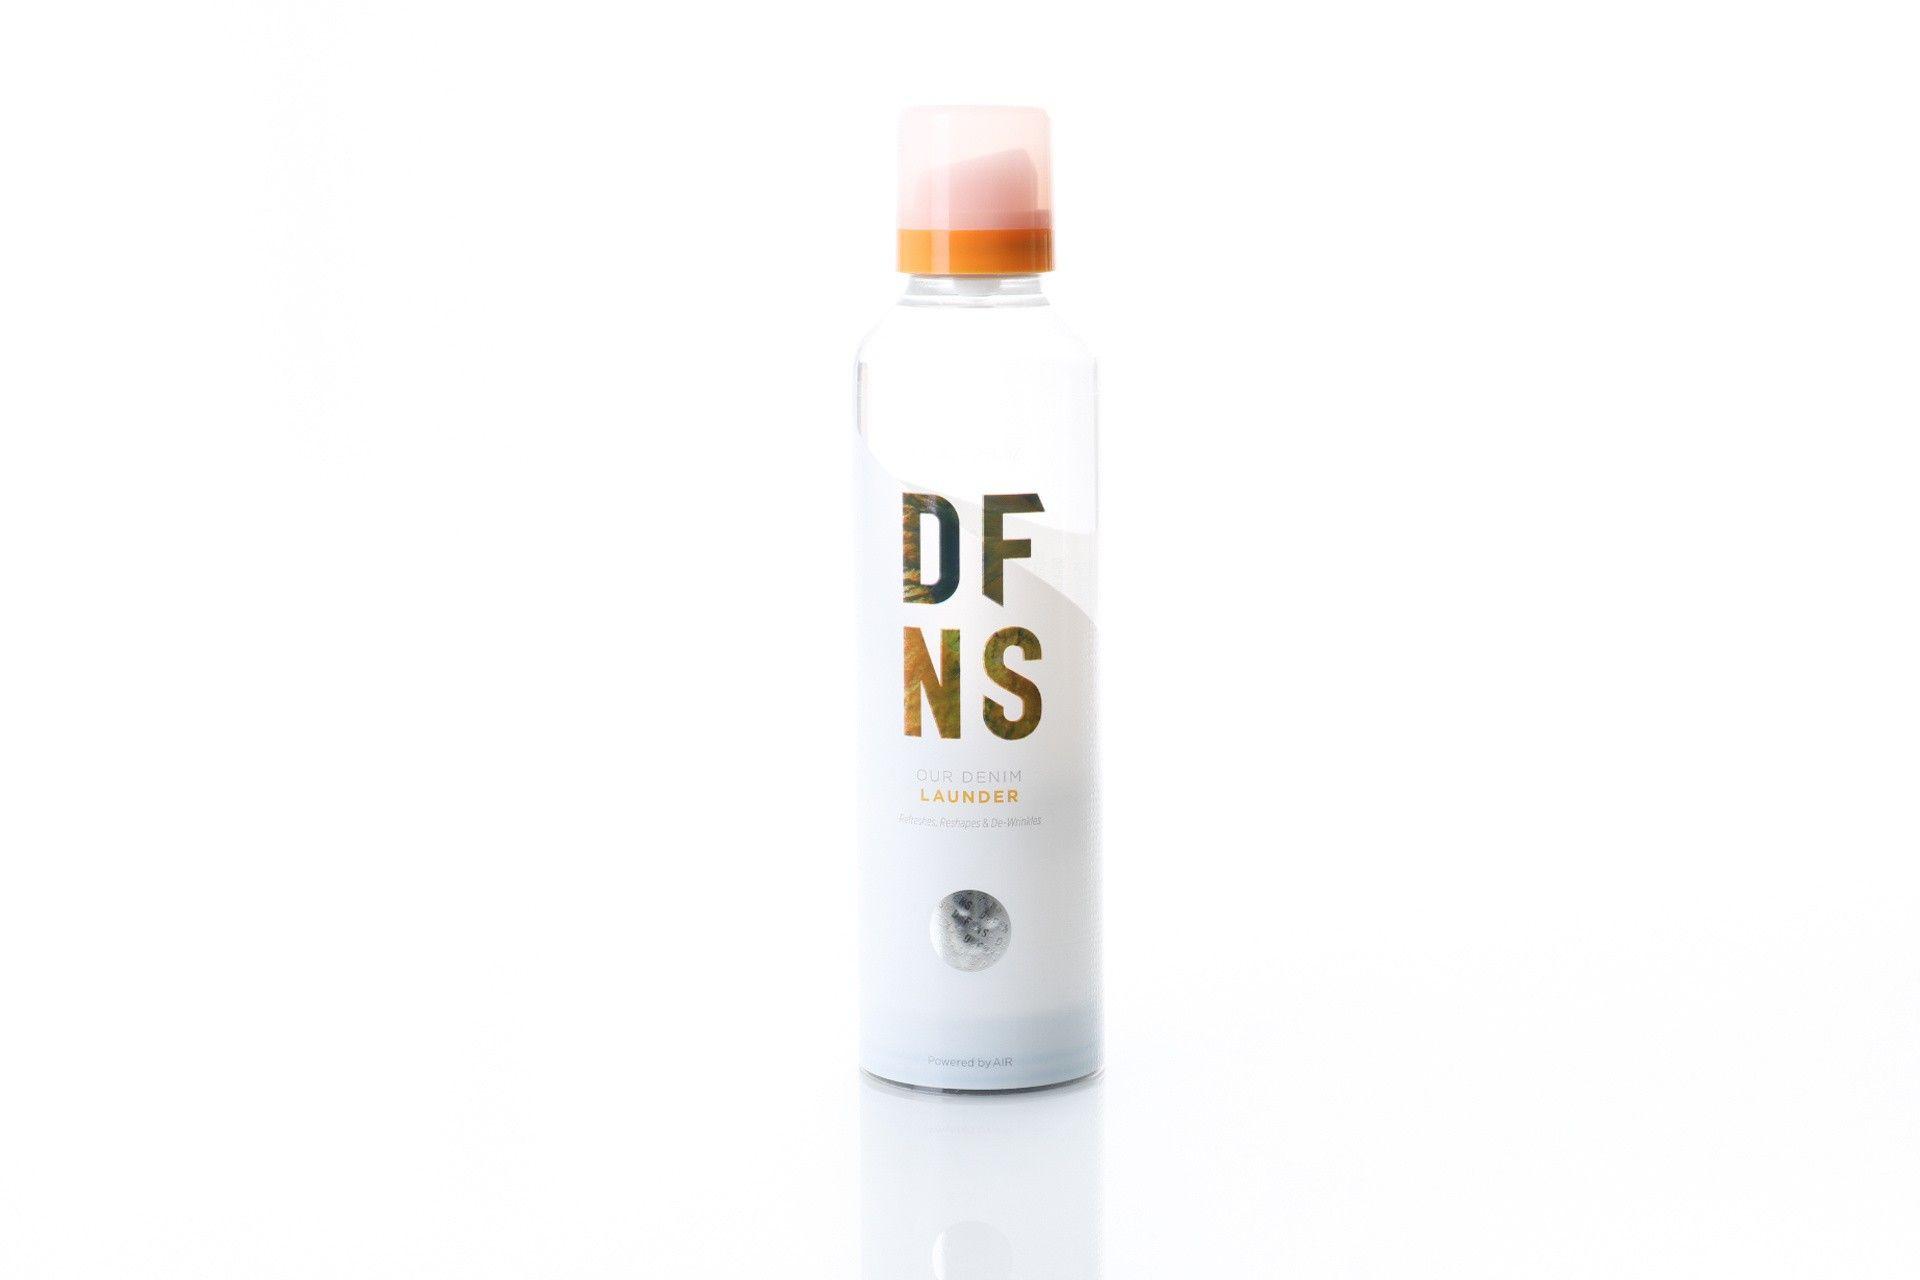 Afbeelding van DFNS Onderhoud DFNS Denim Refresher, 185 ml x 2190902